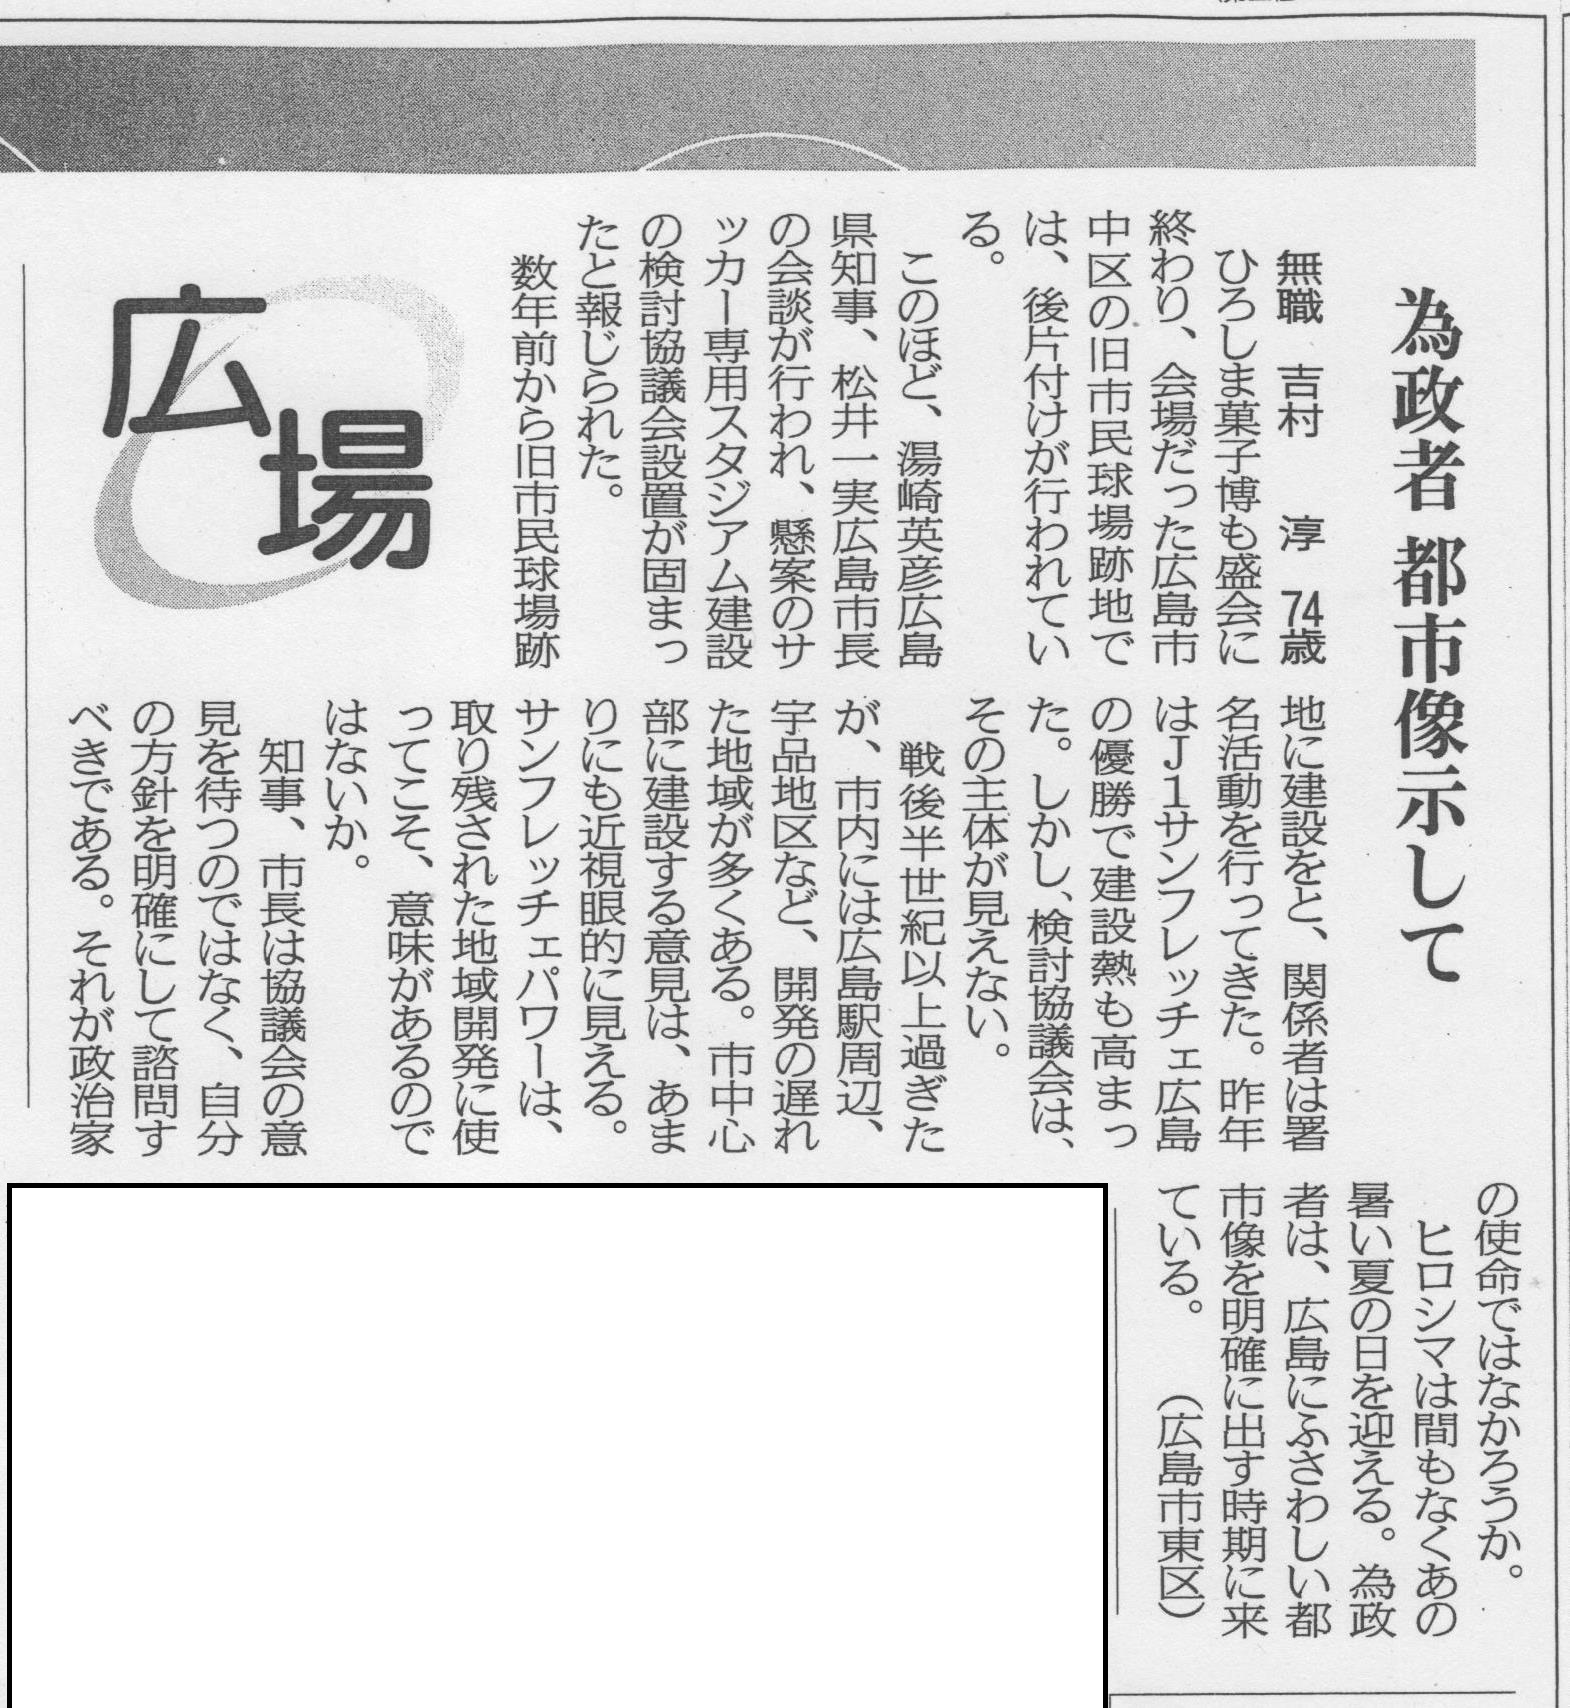 中国新聞20130527